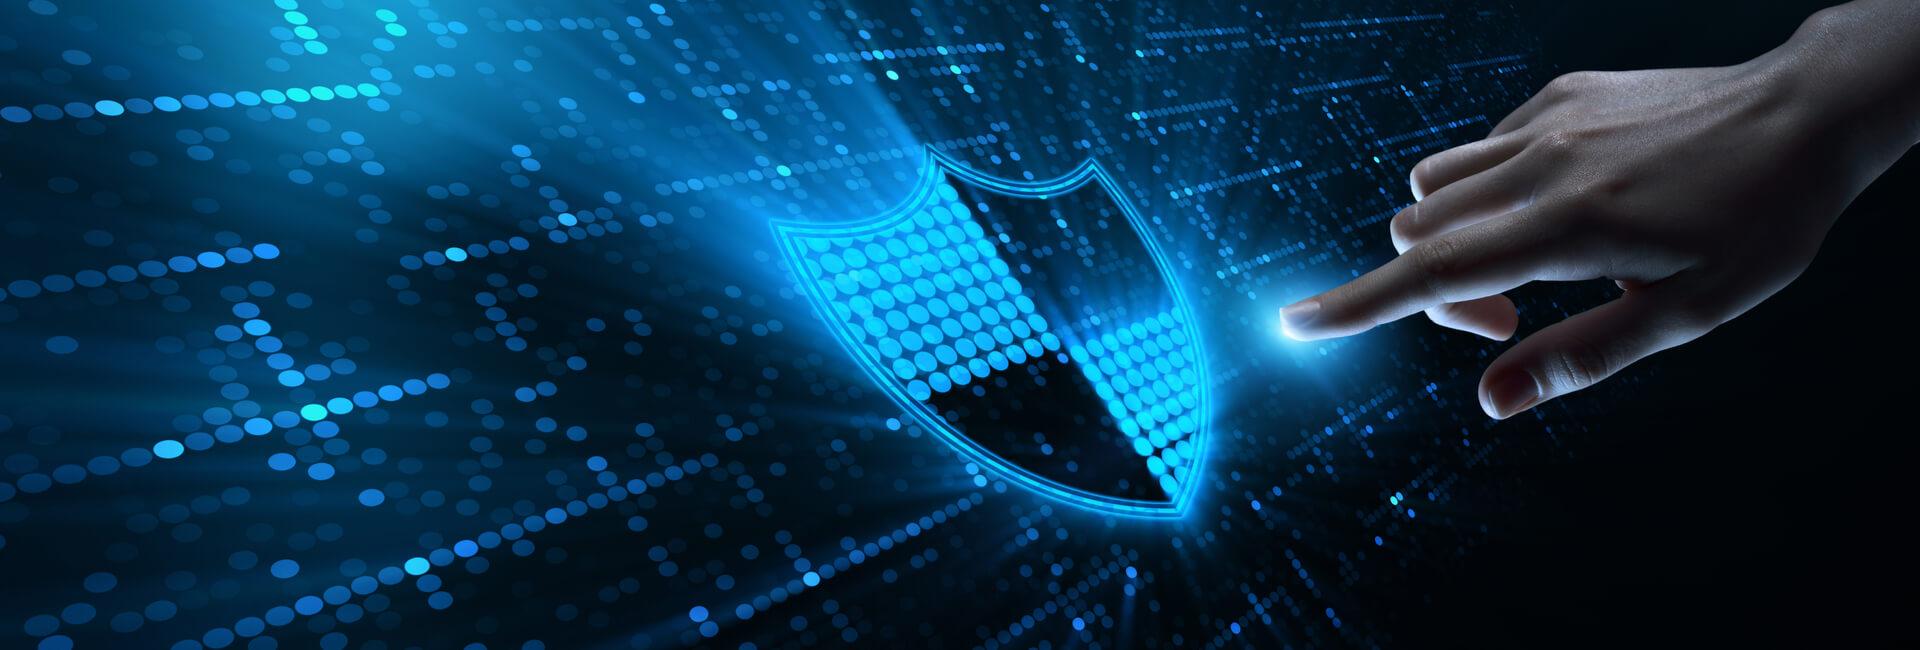 Servizi di cyber security: le tre aree che ogni azienda deve presidiare